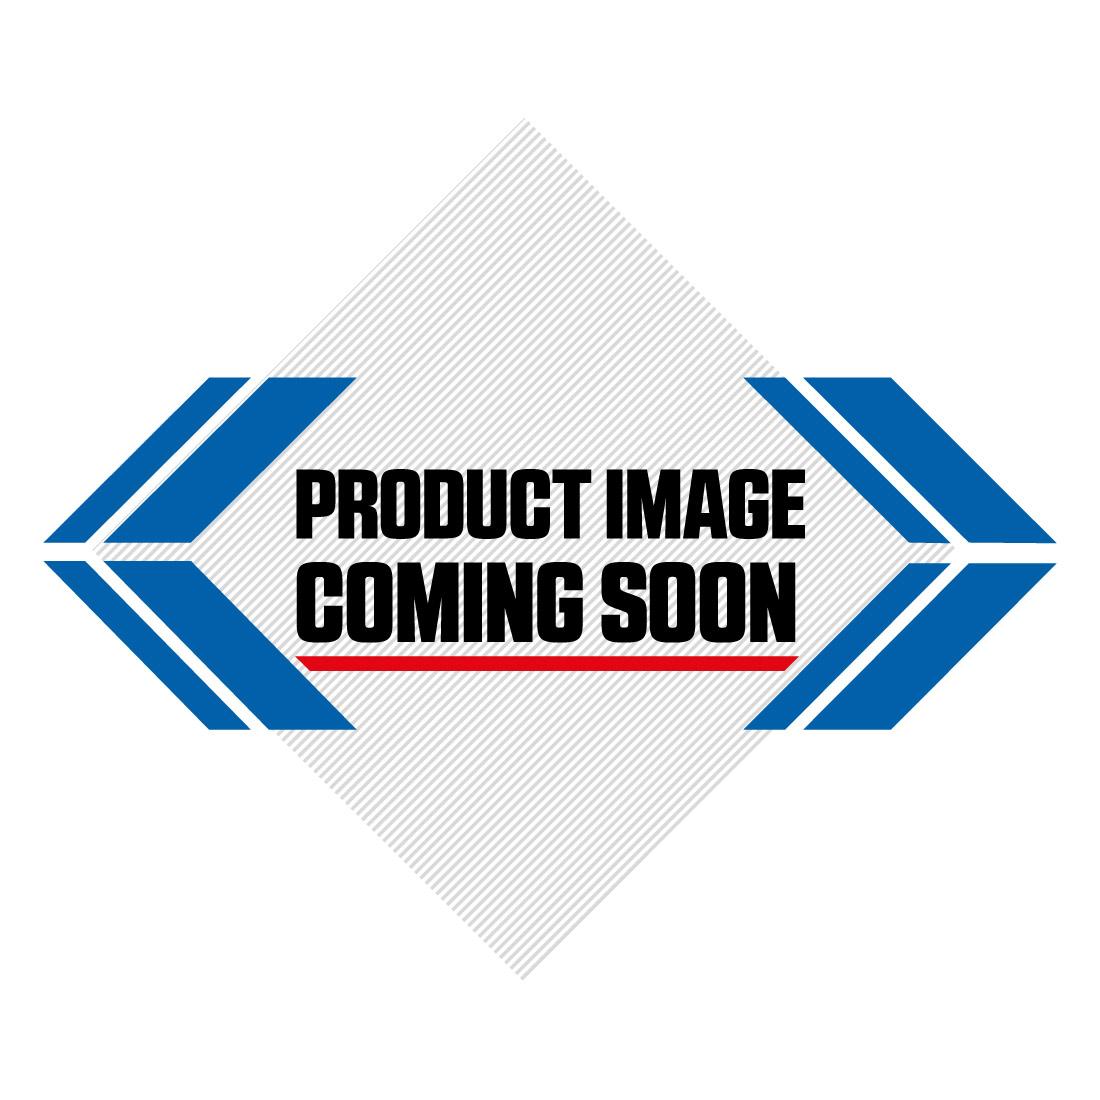 Husqvarna Plastic Kit OEM Factory (09-10) Image-3>